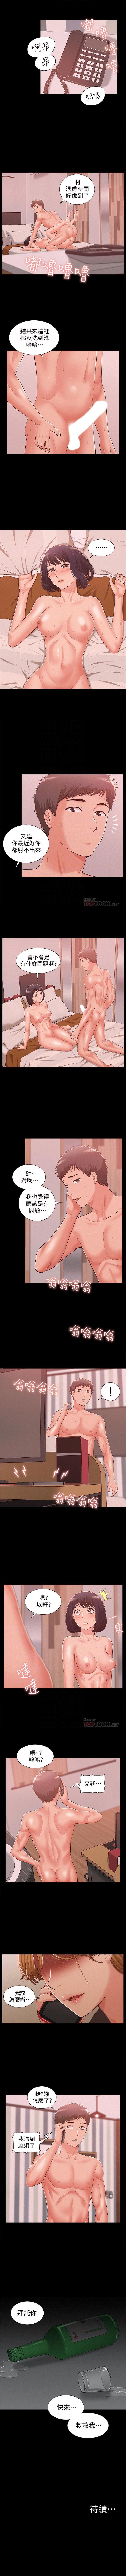 (周4)难言之隐 1-19 中文翻译(更新中) 55